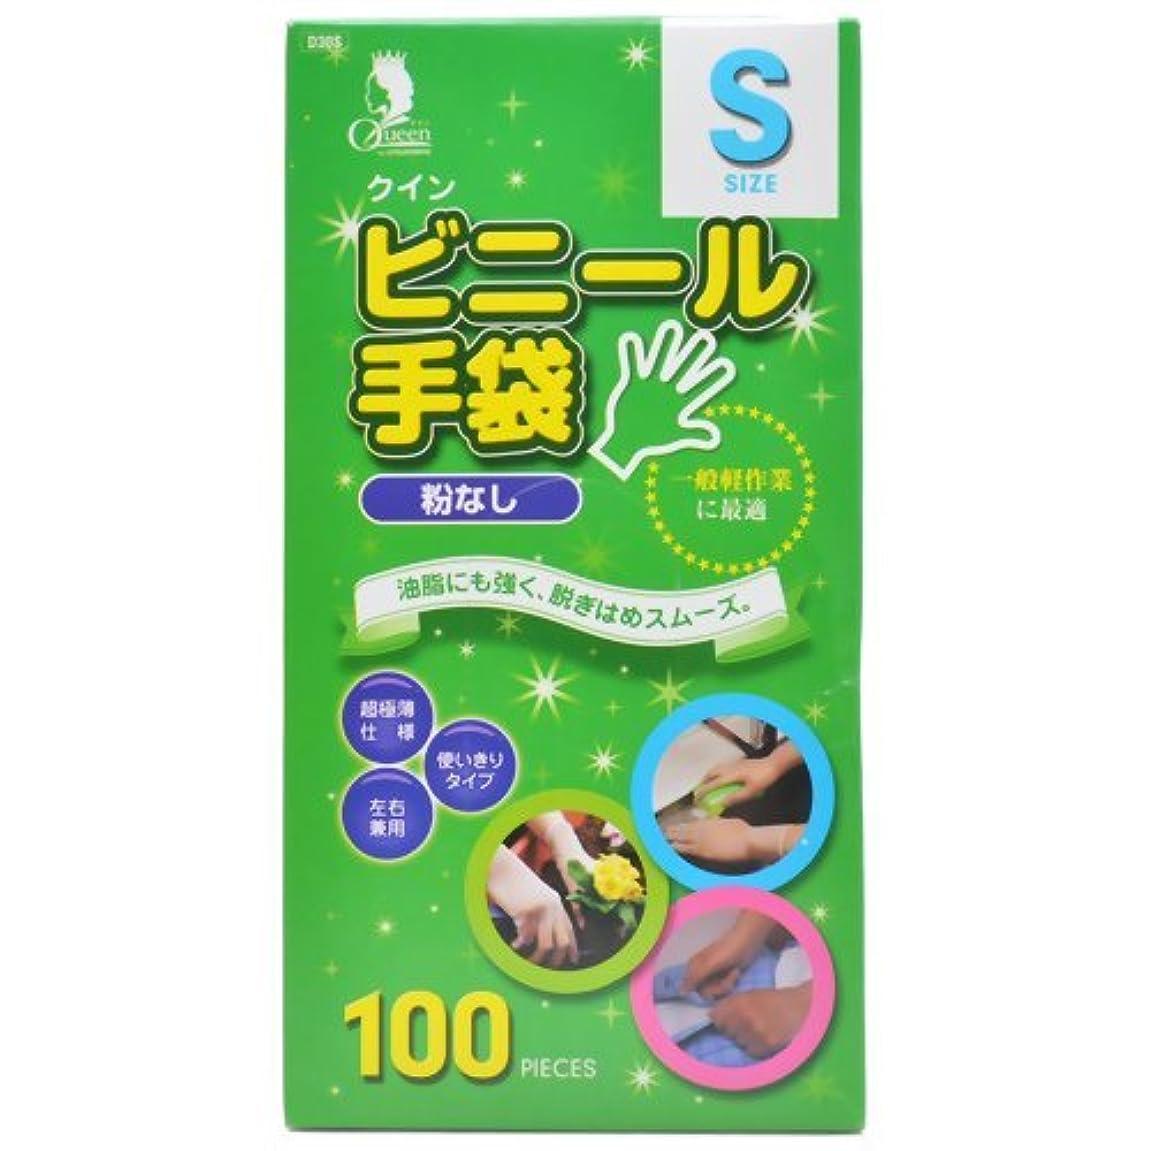 言及する社会科悪性腫瘍クイン ビニール手袋(PF) D30S 100枚